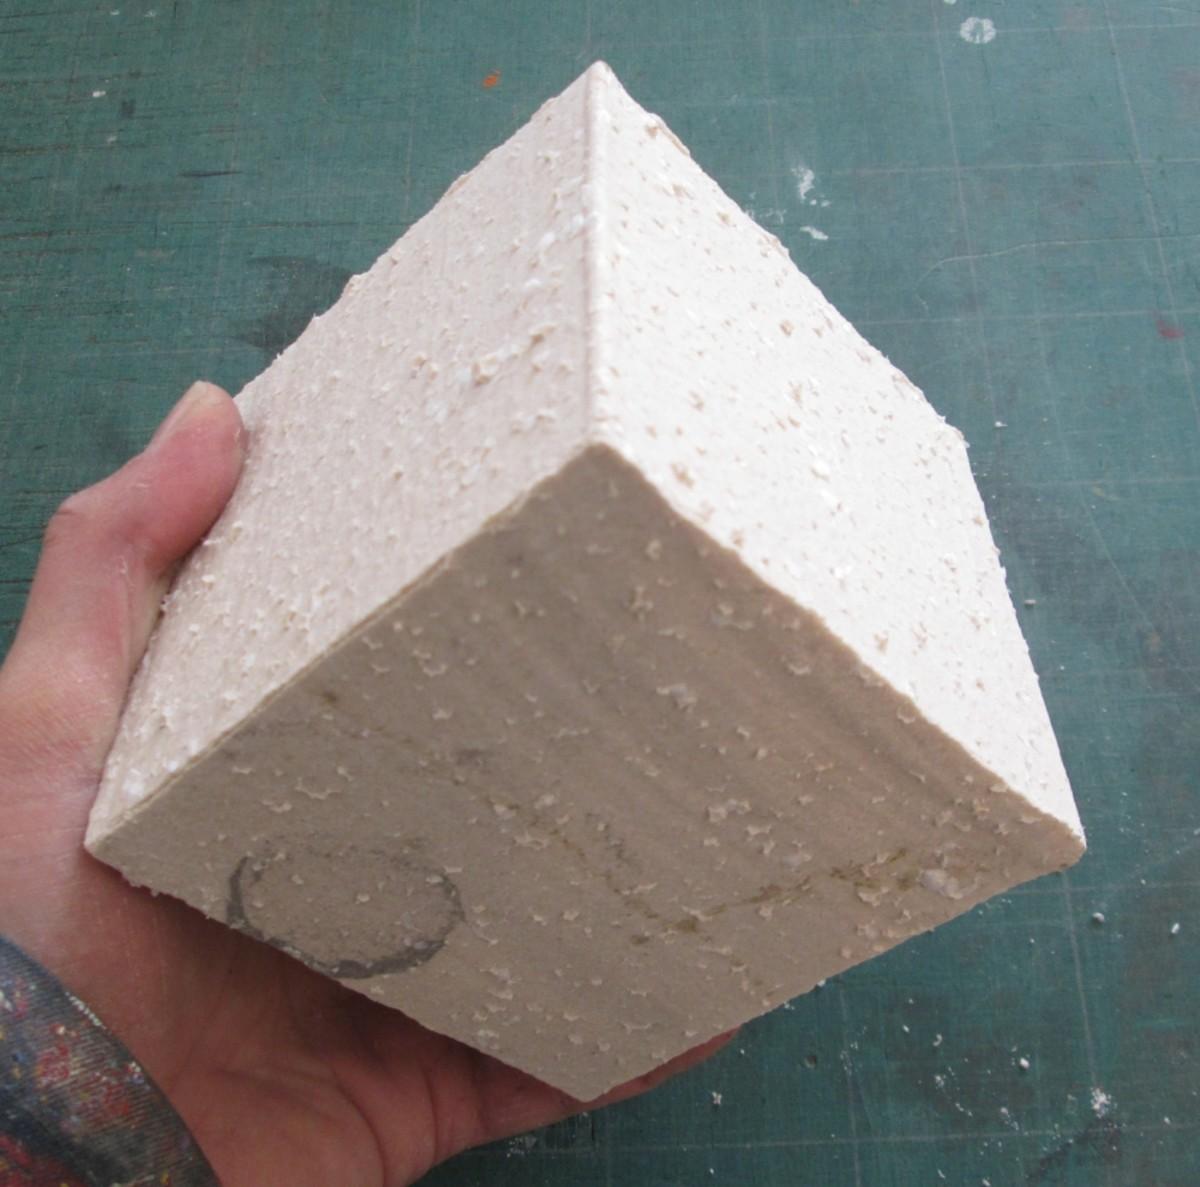 Rough cast jesmonite cubeoid.